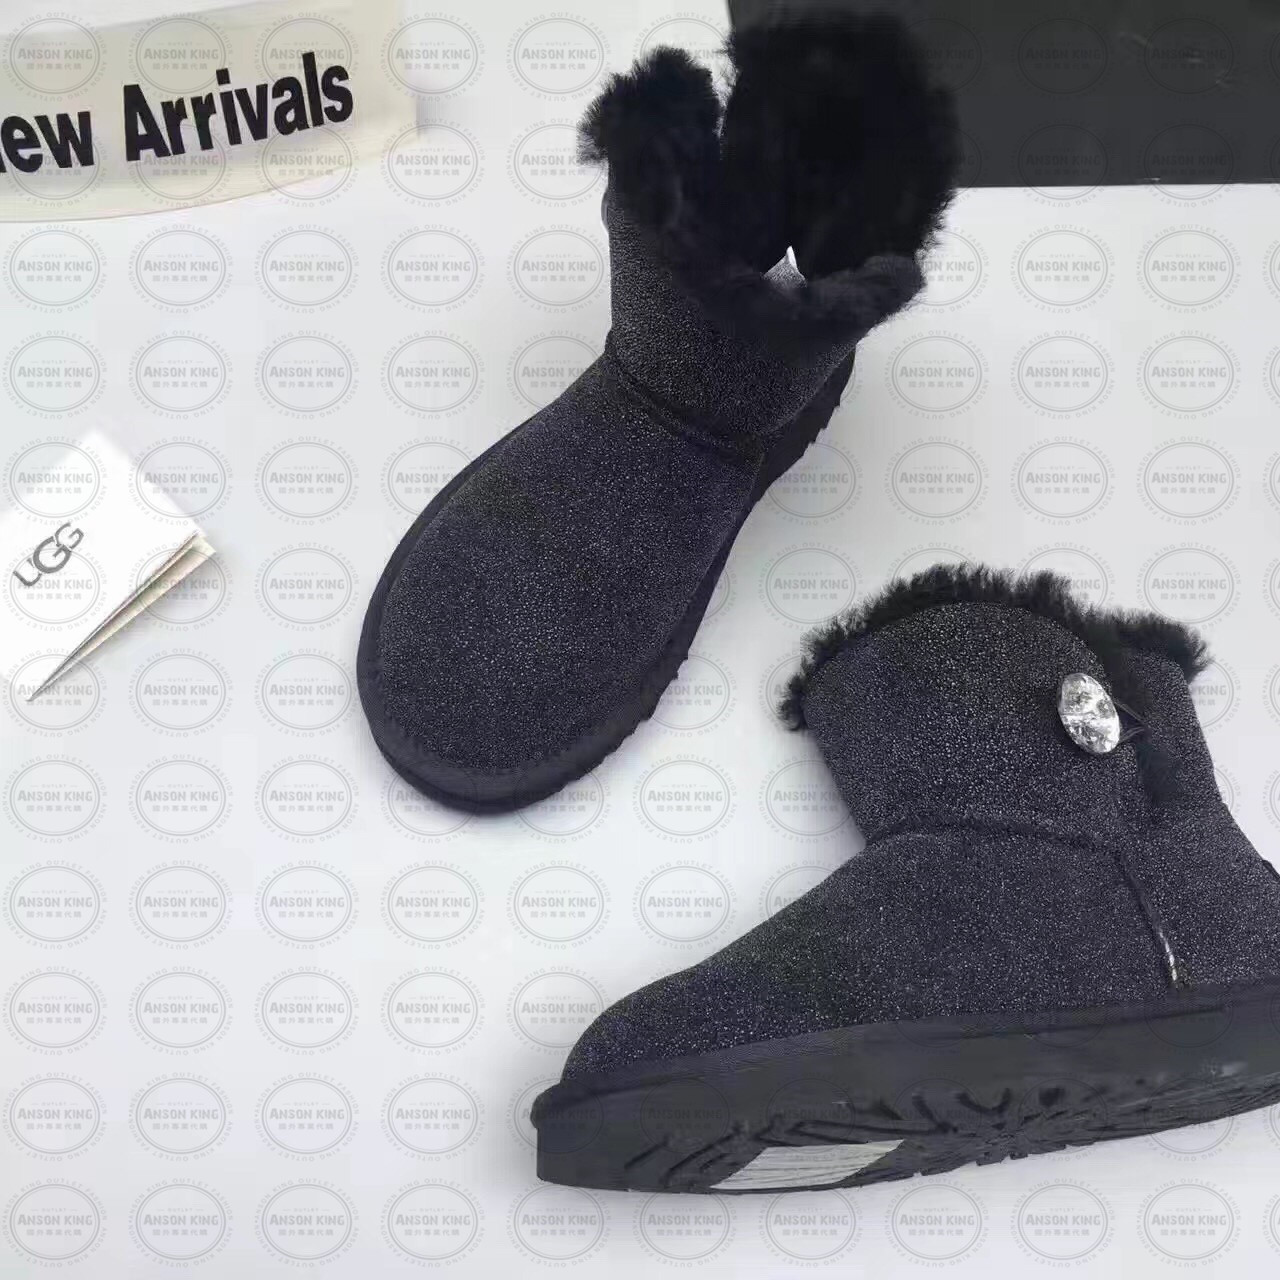 OUTLET正品代購 澳洲 UGG 明星同款水晶扣短靴 保暖 真皮羊皮毛 雪靴 短靴 藍色